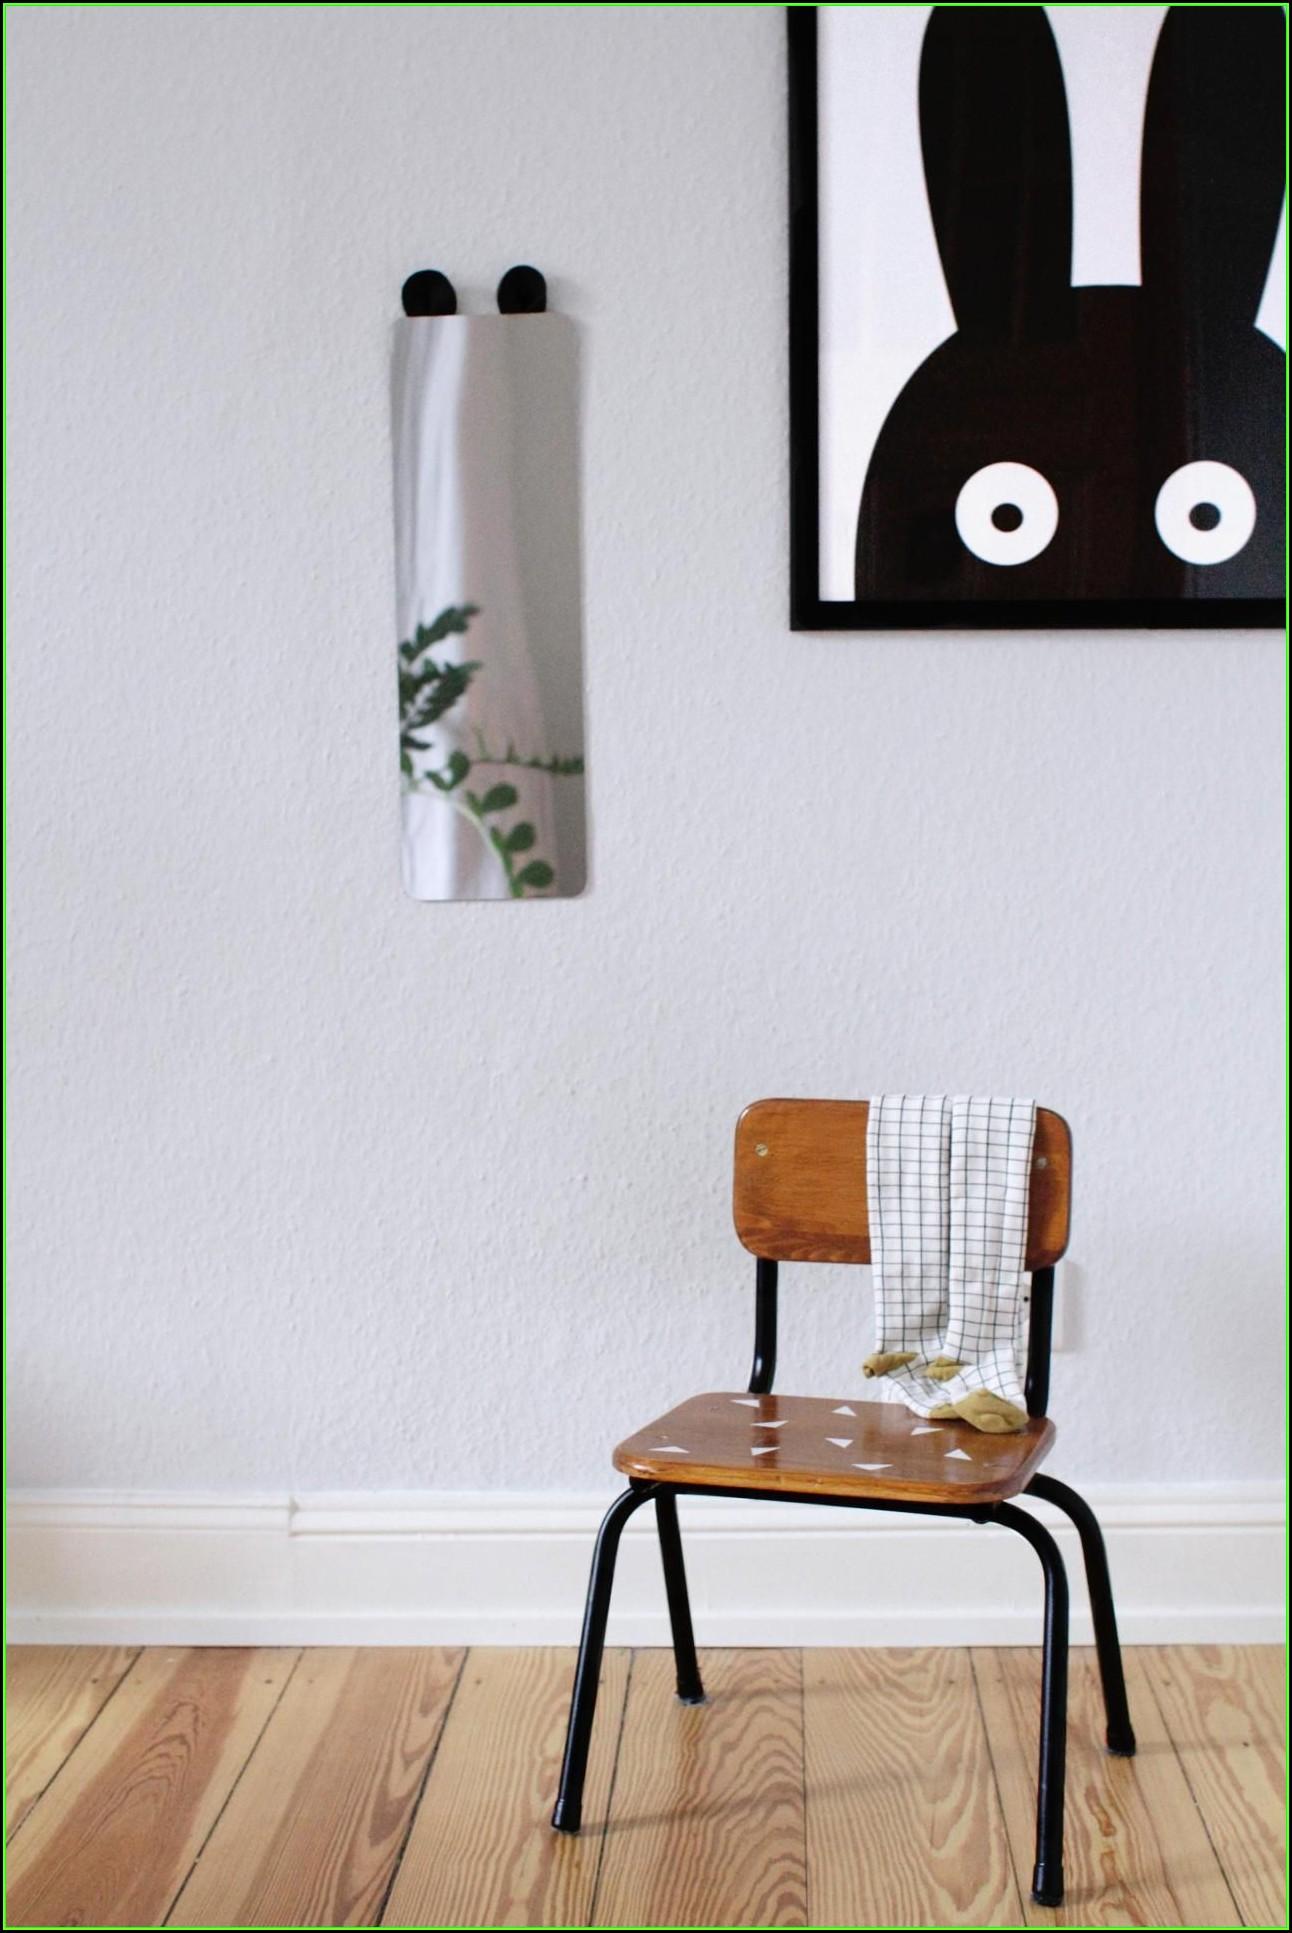 Kinderzimmer Spiegel Ikea